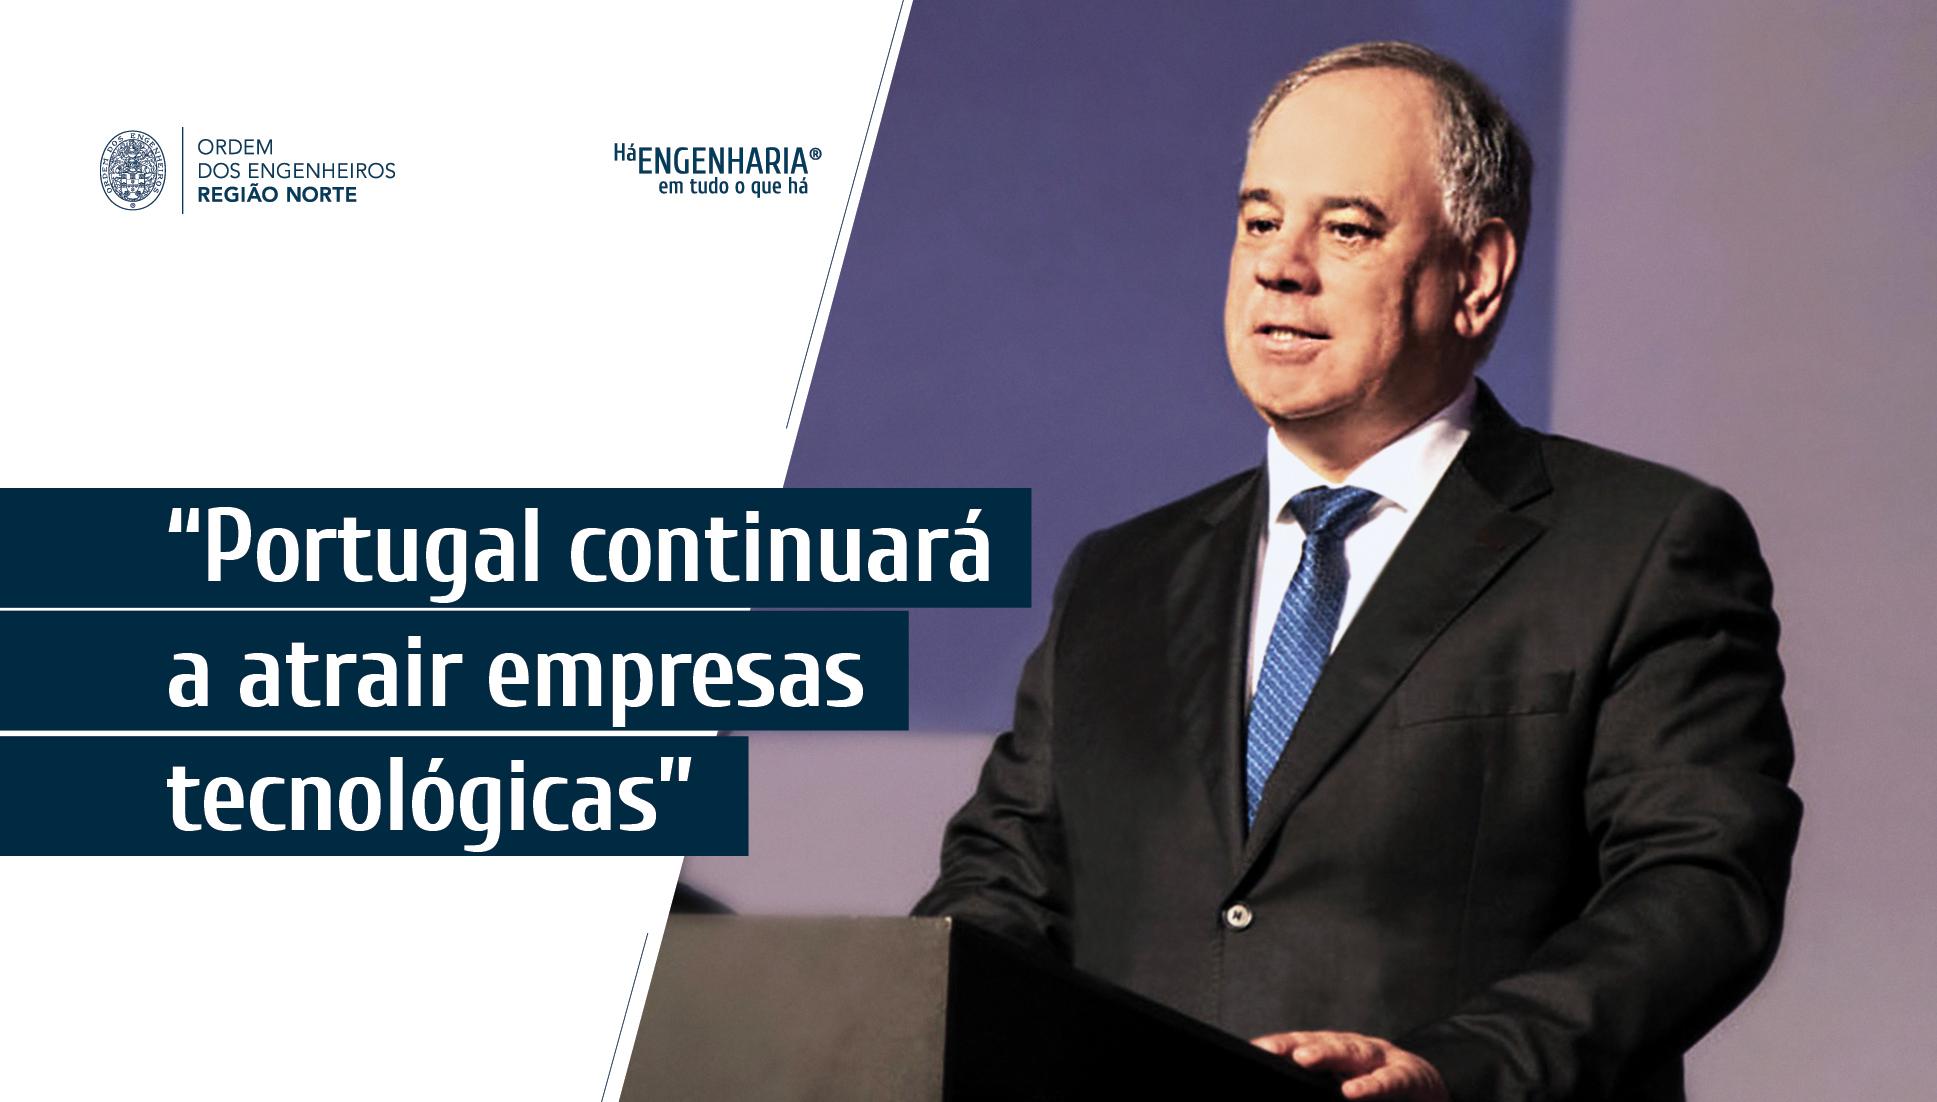 Plataforma Notícias Ordem Engenheiros Região Norte - Entrevista a João Rocha, presidente do Politécnico do Porto